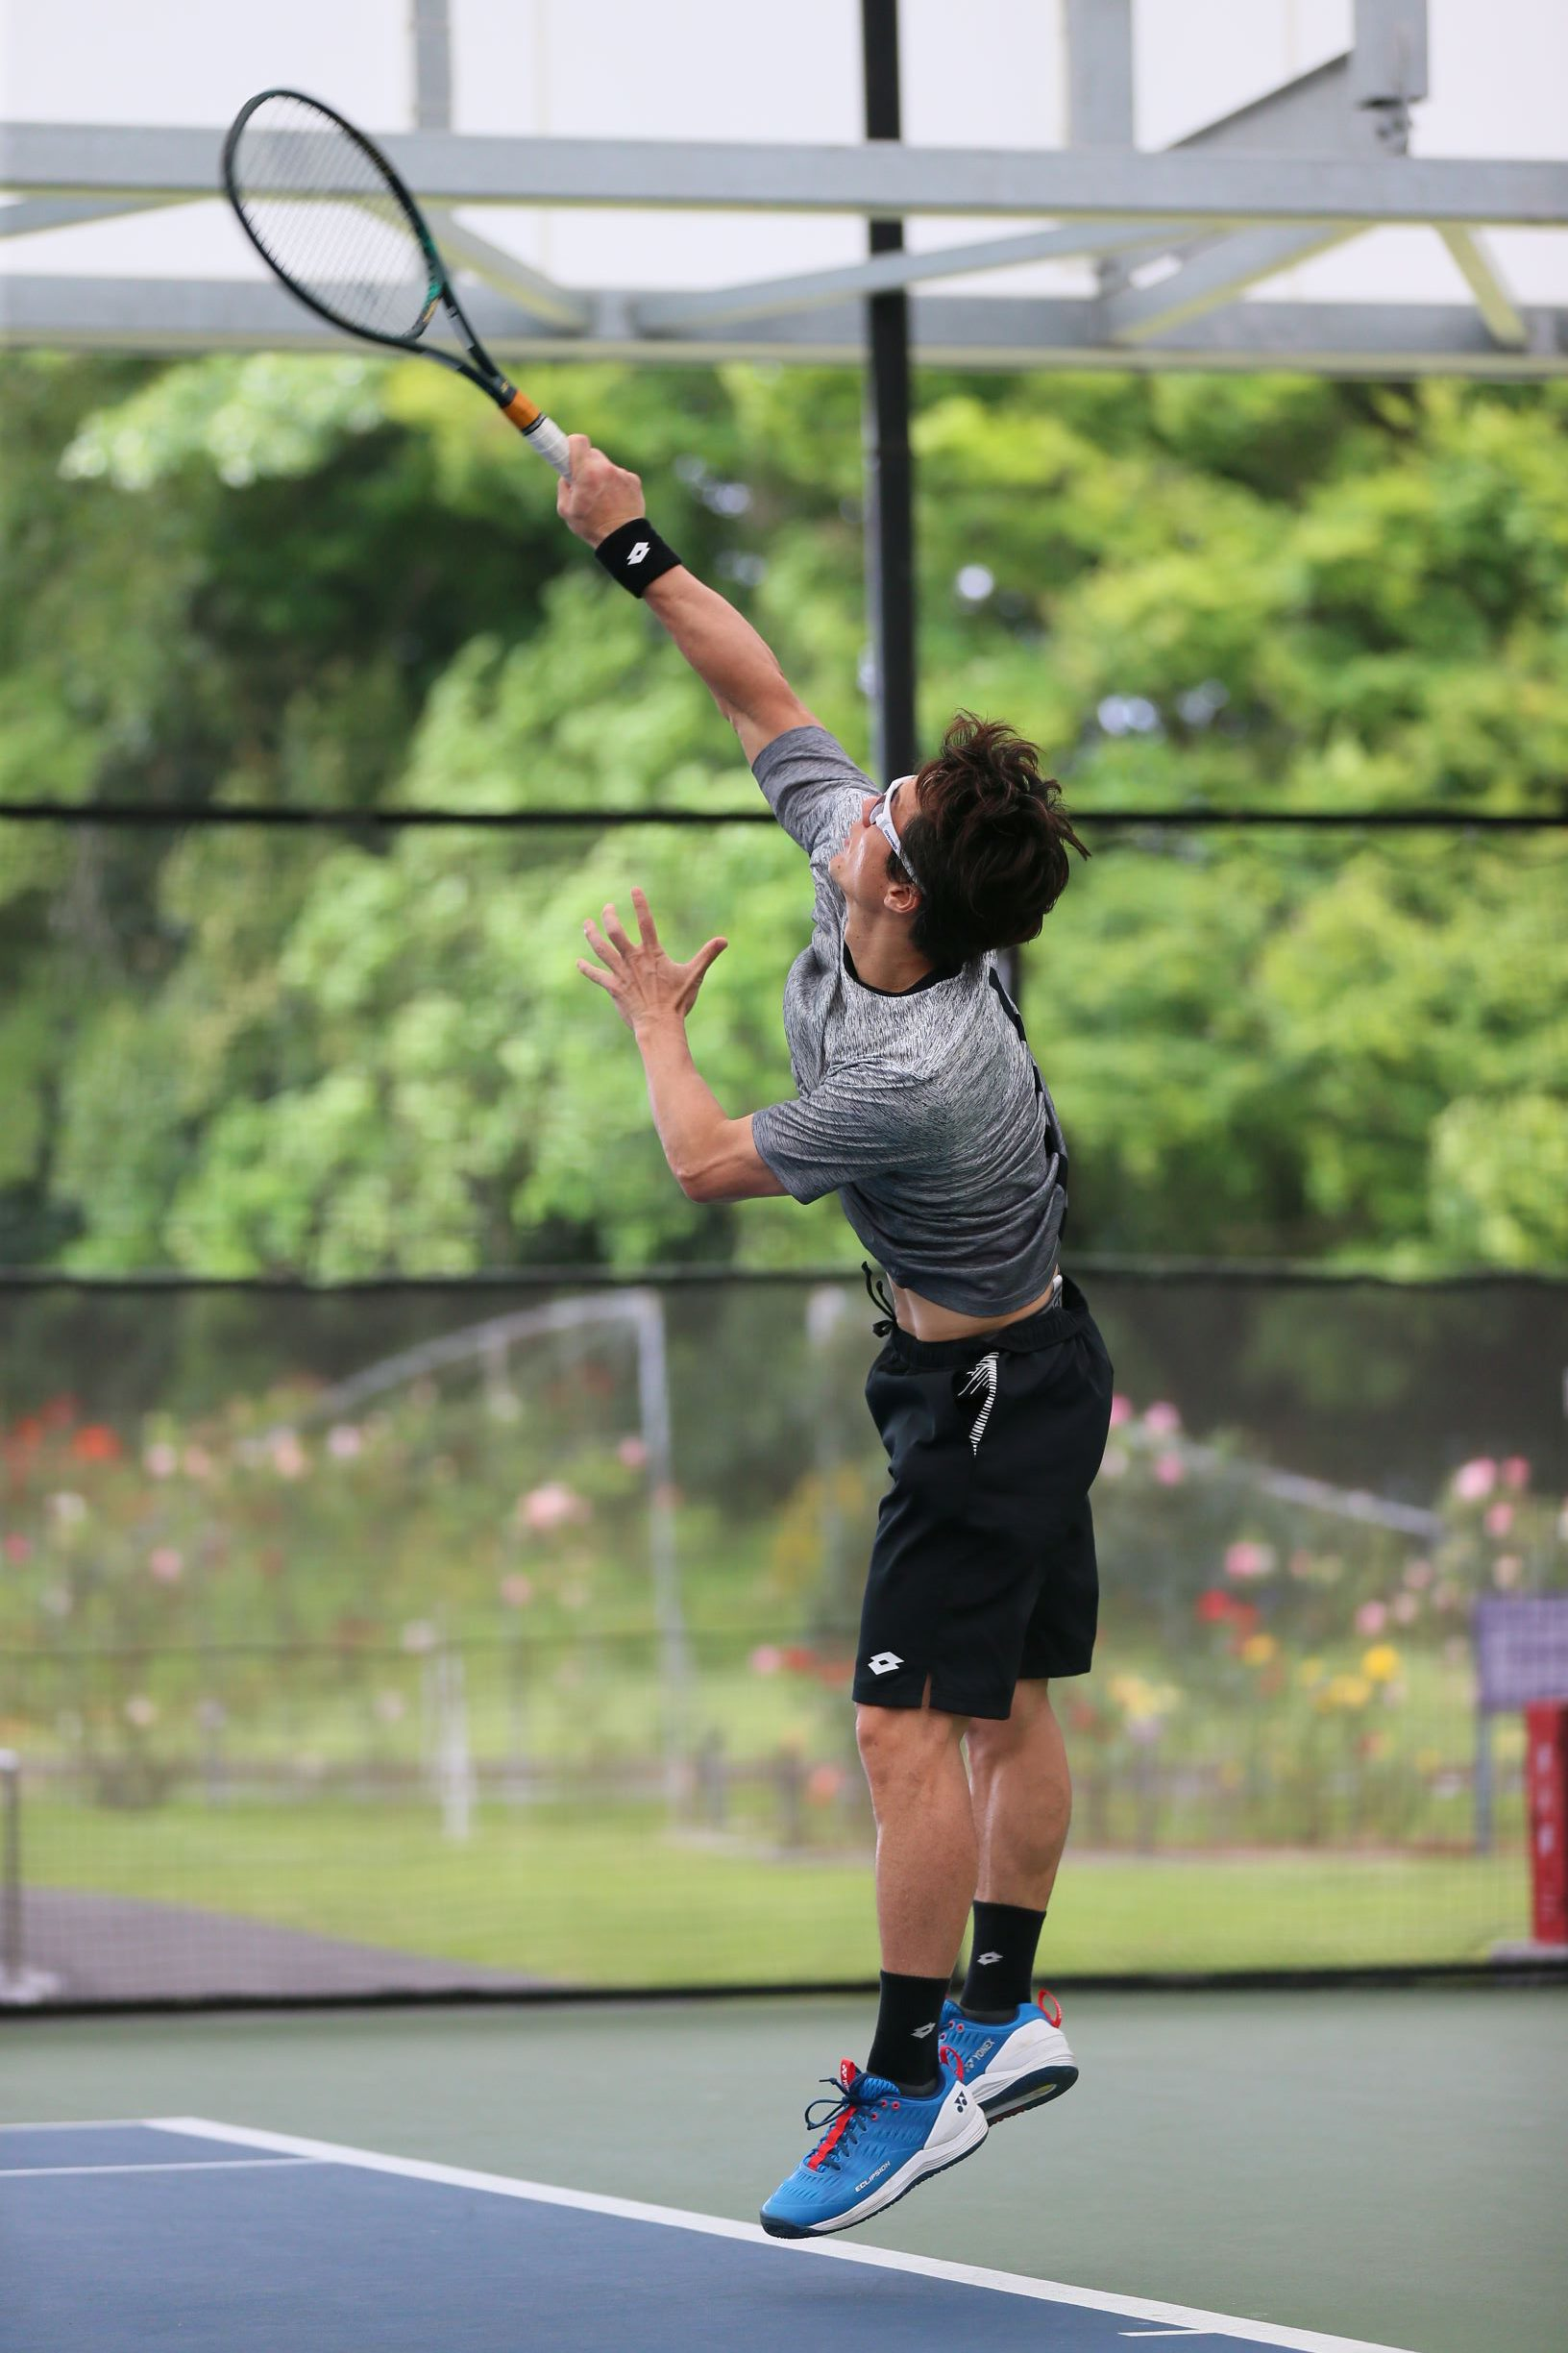 TENNIS POINTさんに松井選手の記事が掲載されました!